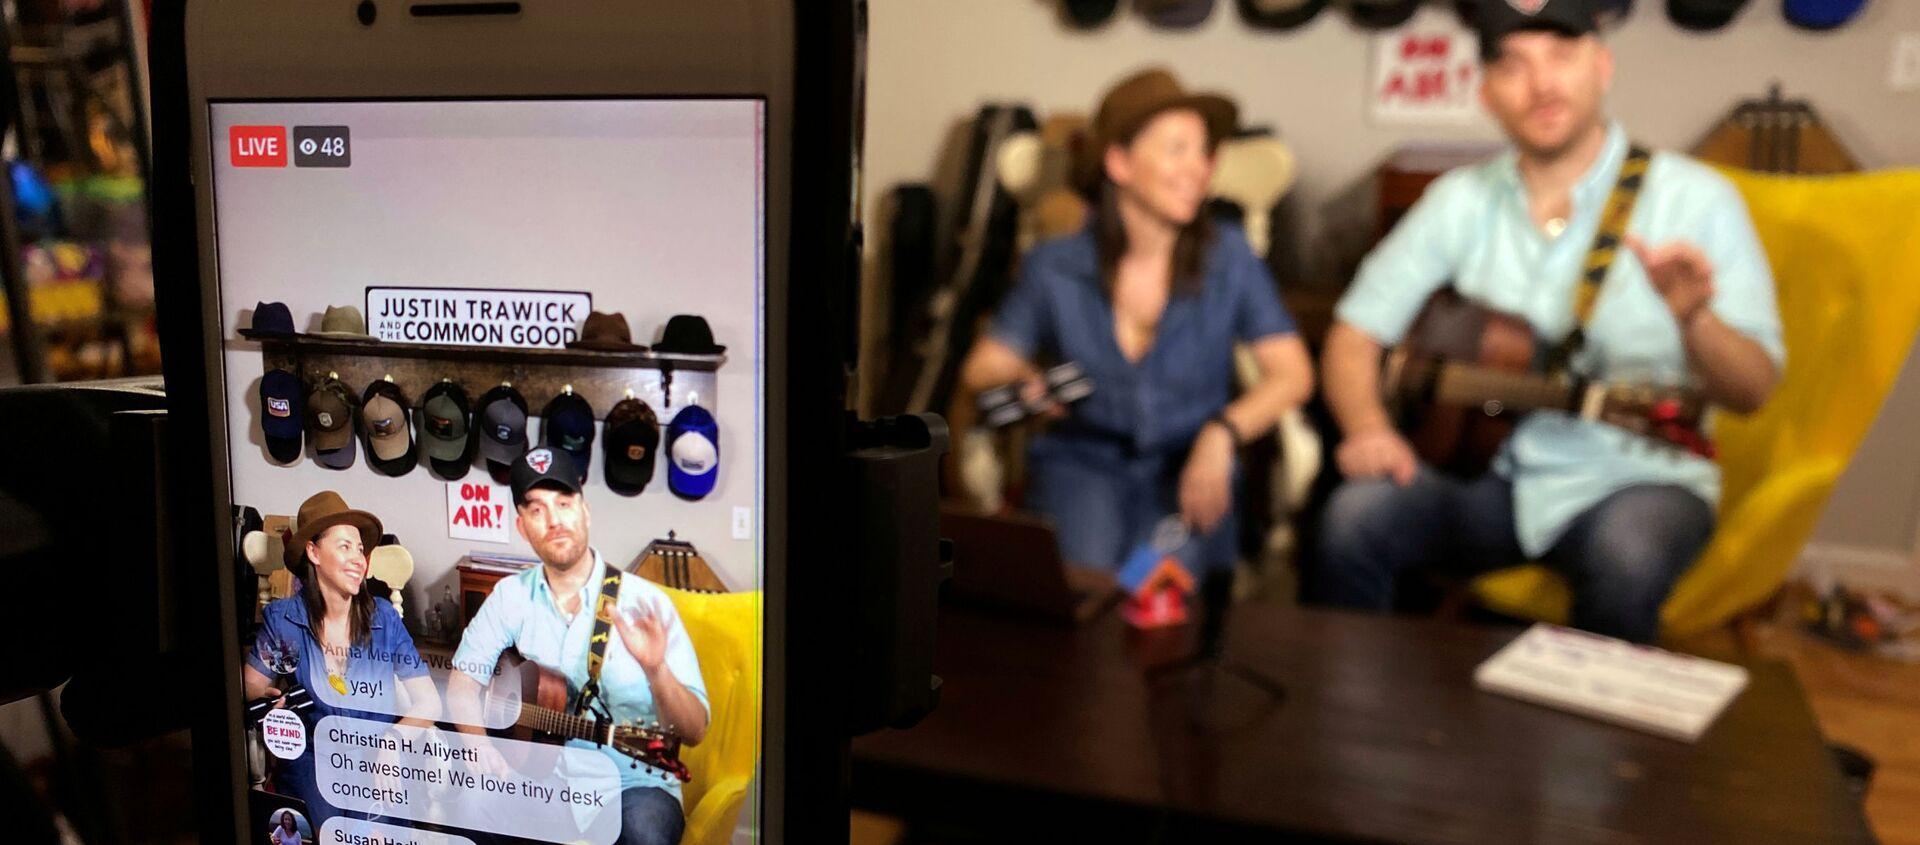 Músico estadounidense Justin Trawick y su novia, Lauren LeMunyan, interpretando en el conierto en Facebook - Sputnik Mundo, 1920, 23.03.2020